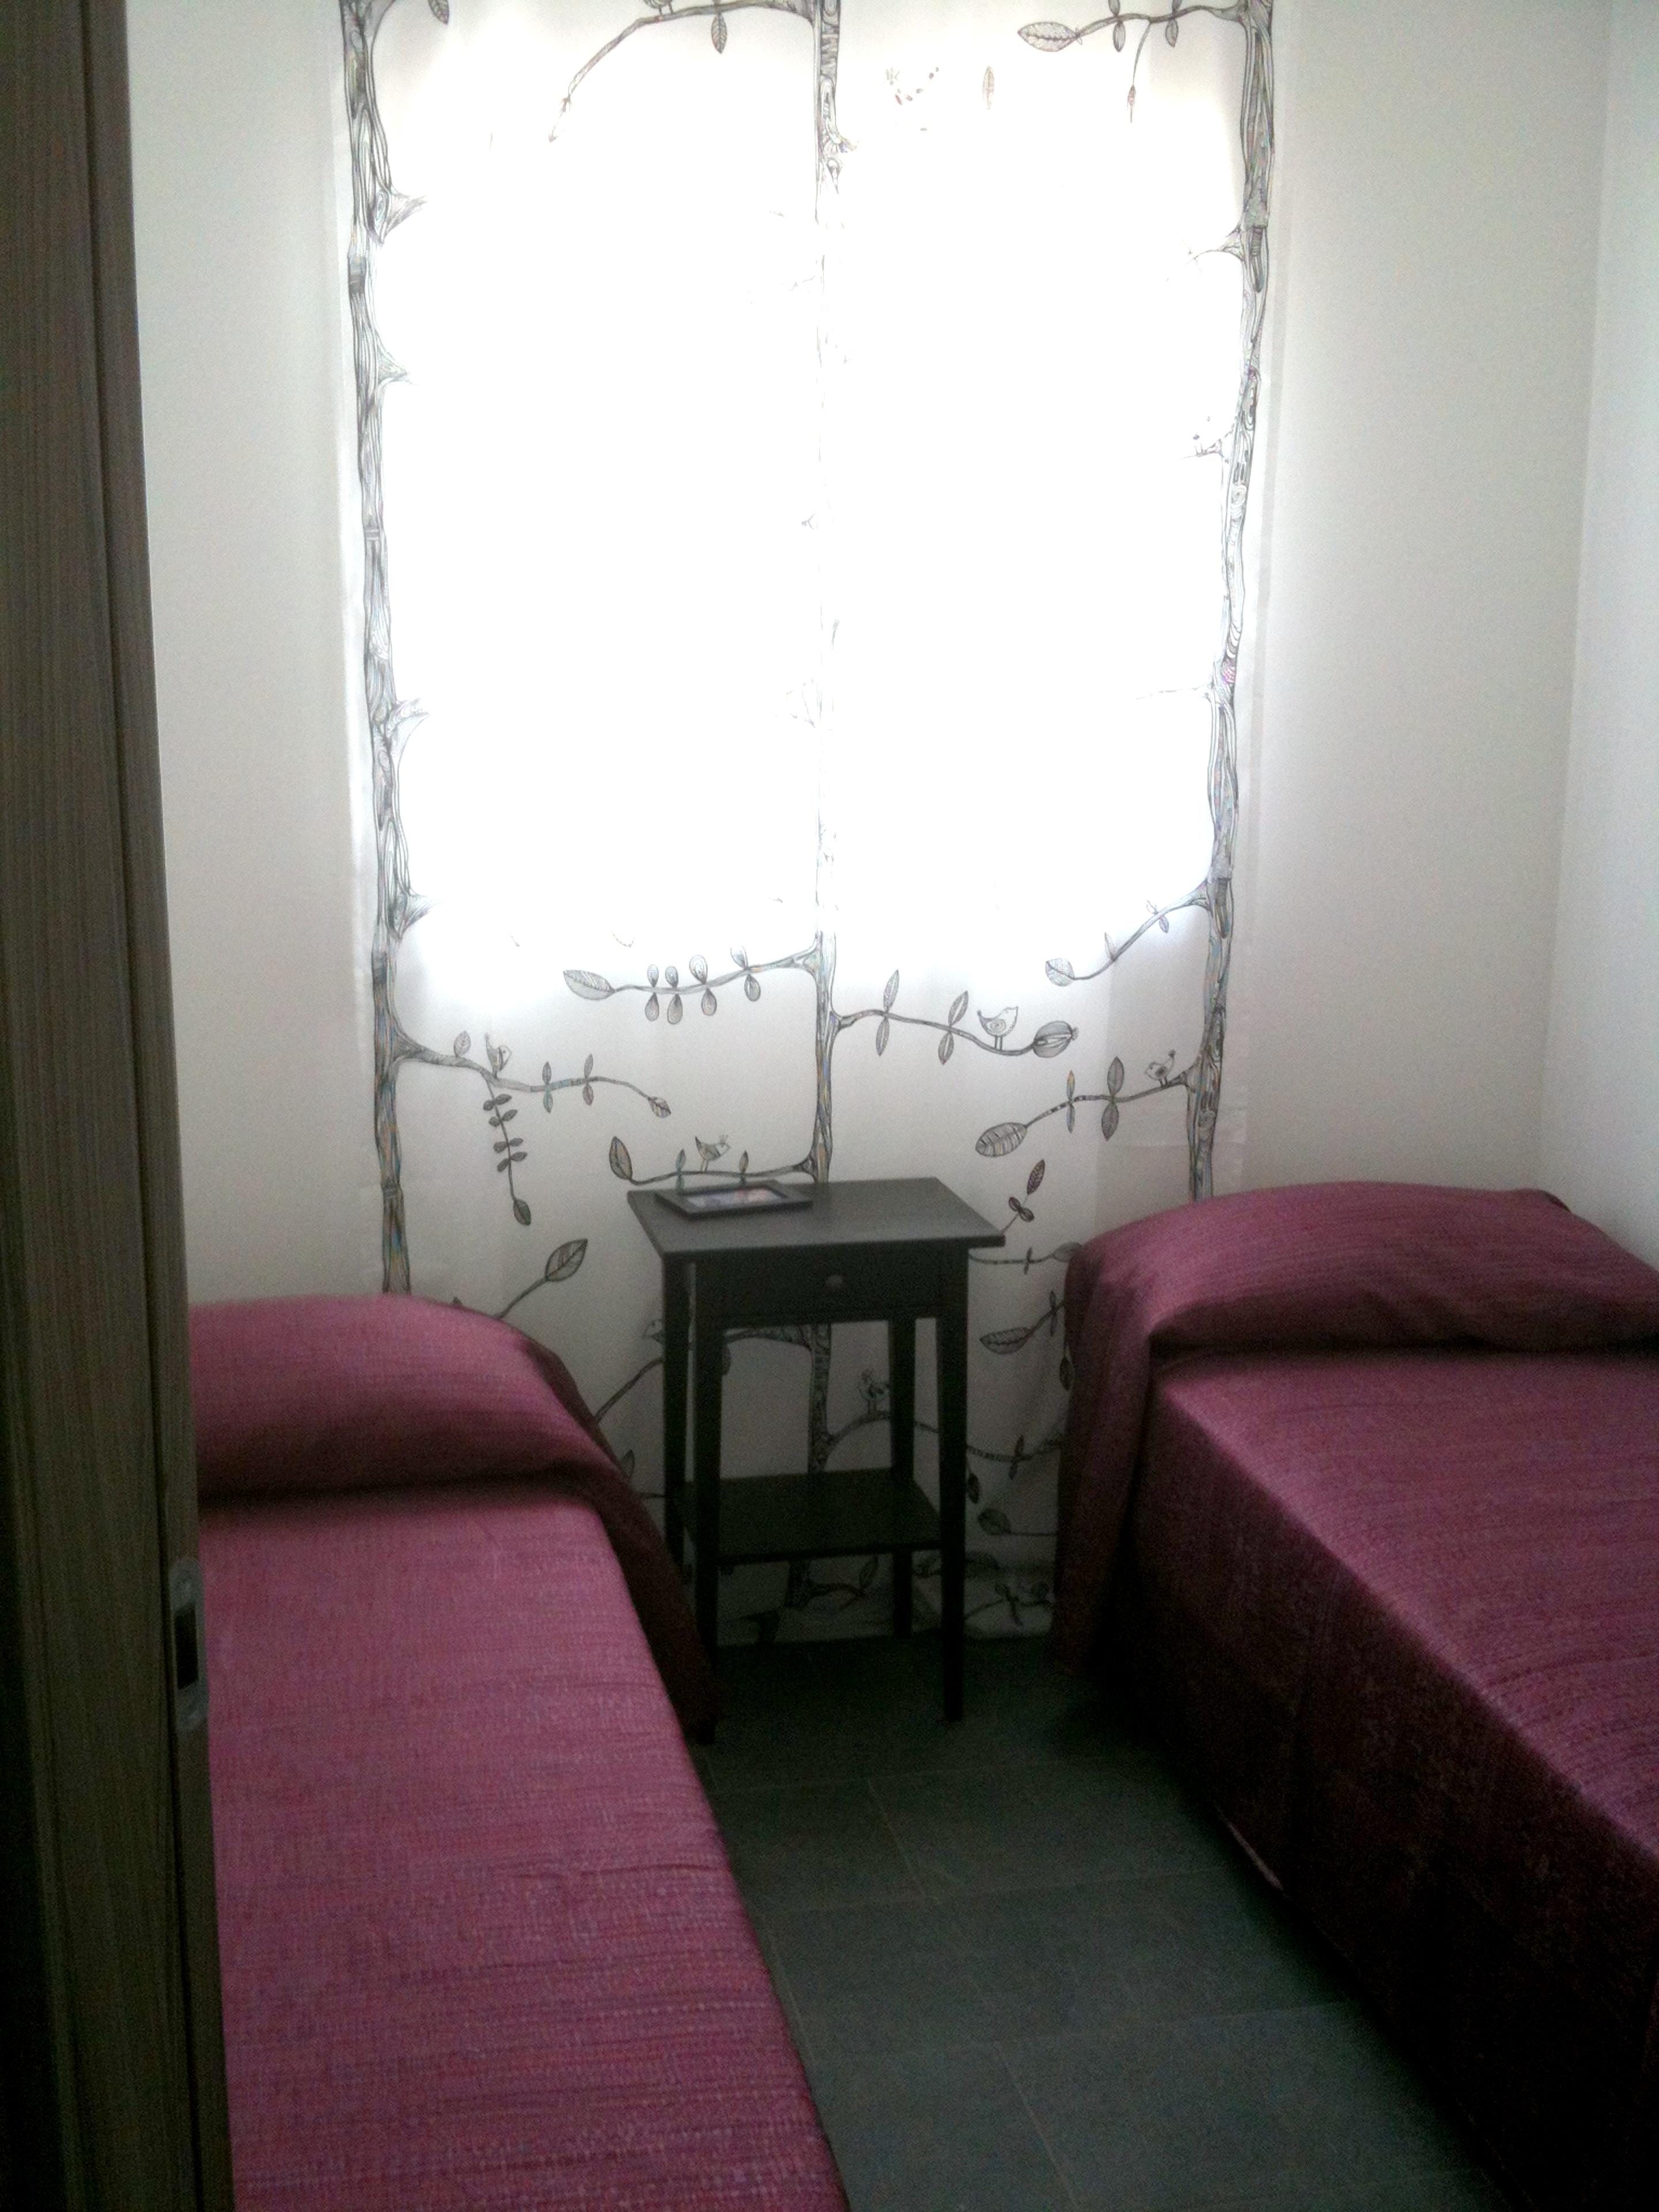 Ferienhaus Villa mit 2 Schlafzimmern in Sciacca mit herrlichem Meerblick, eingezäuntem Garten und W-L (2201303), Sciacca, Agrigento, Sizilien, Italien, Bild 5